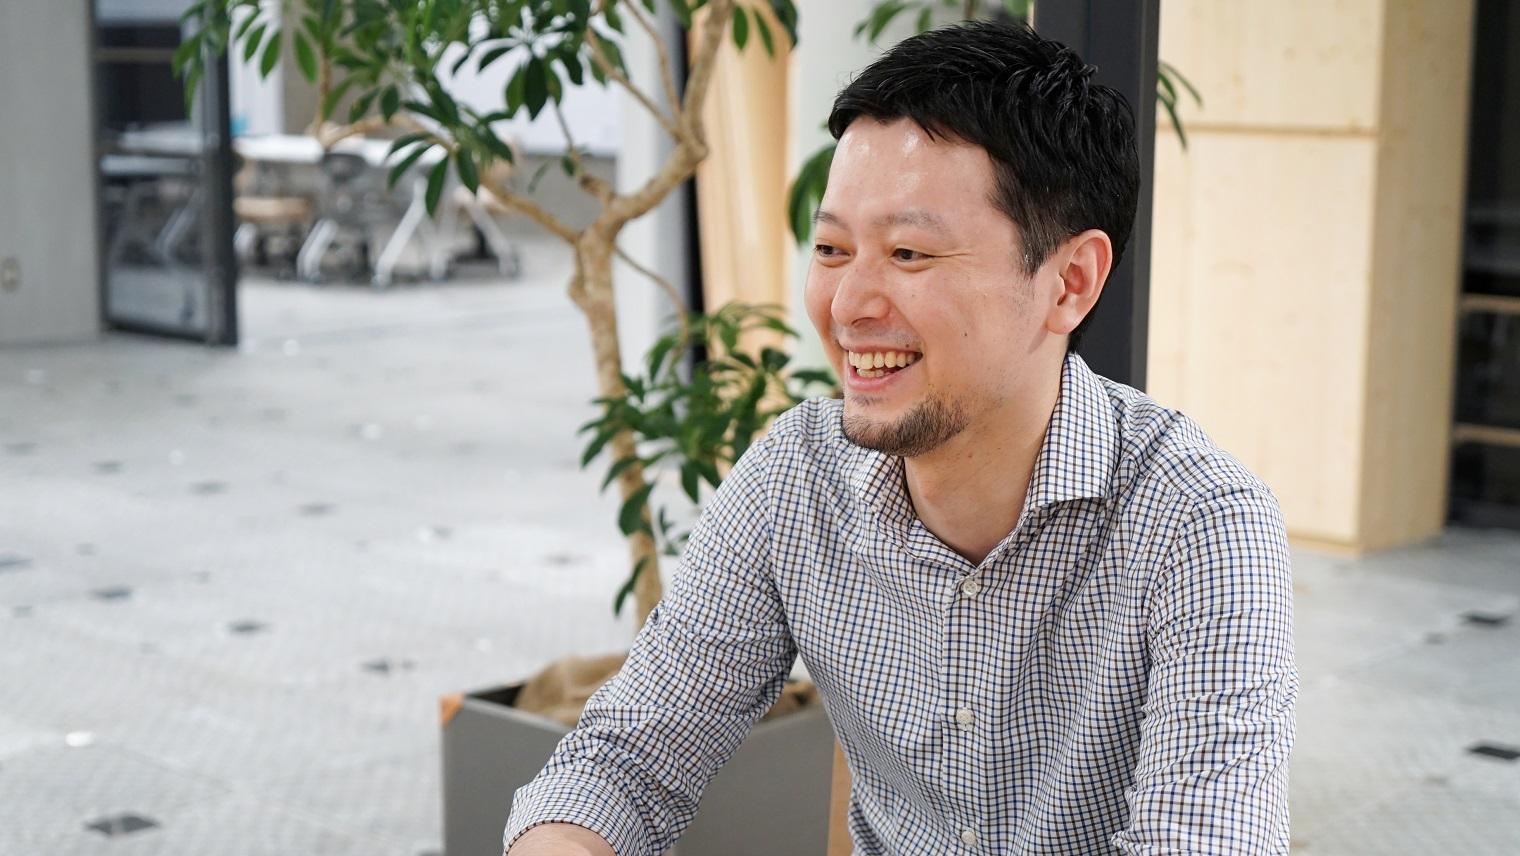 宮崎 雅 ソニー株式会社 Startup Acceleration部 Ideation Service Team 統括課長兼プロデューサー